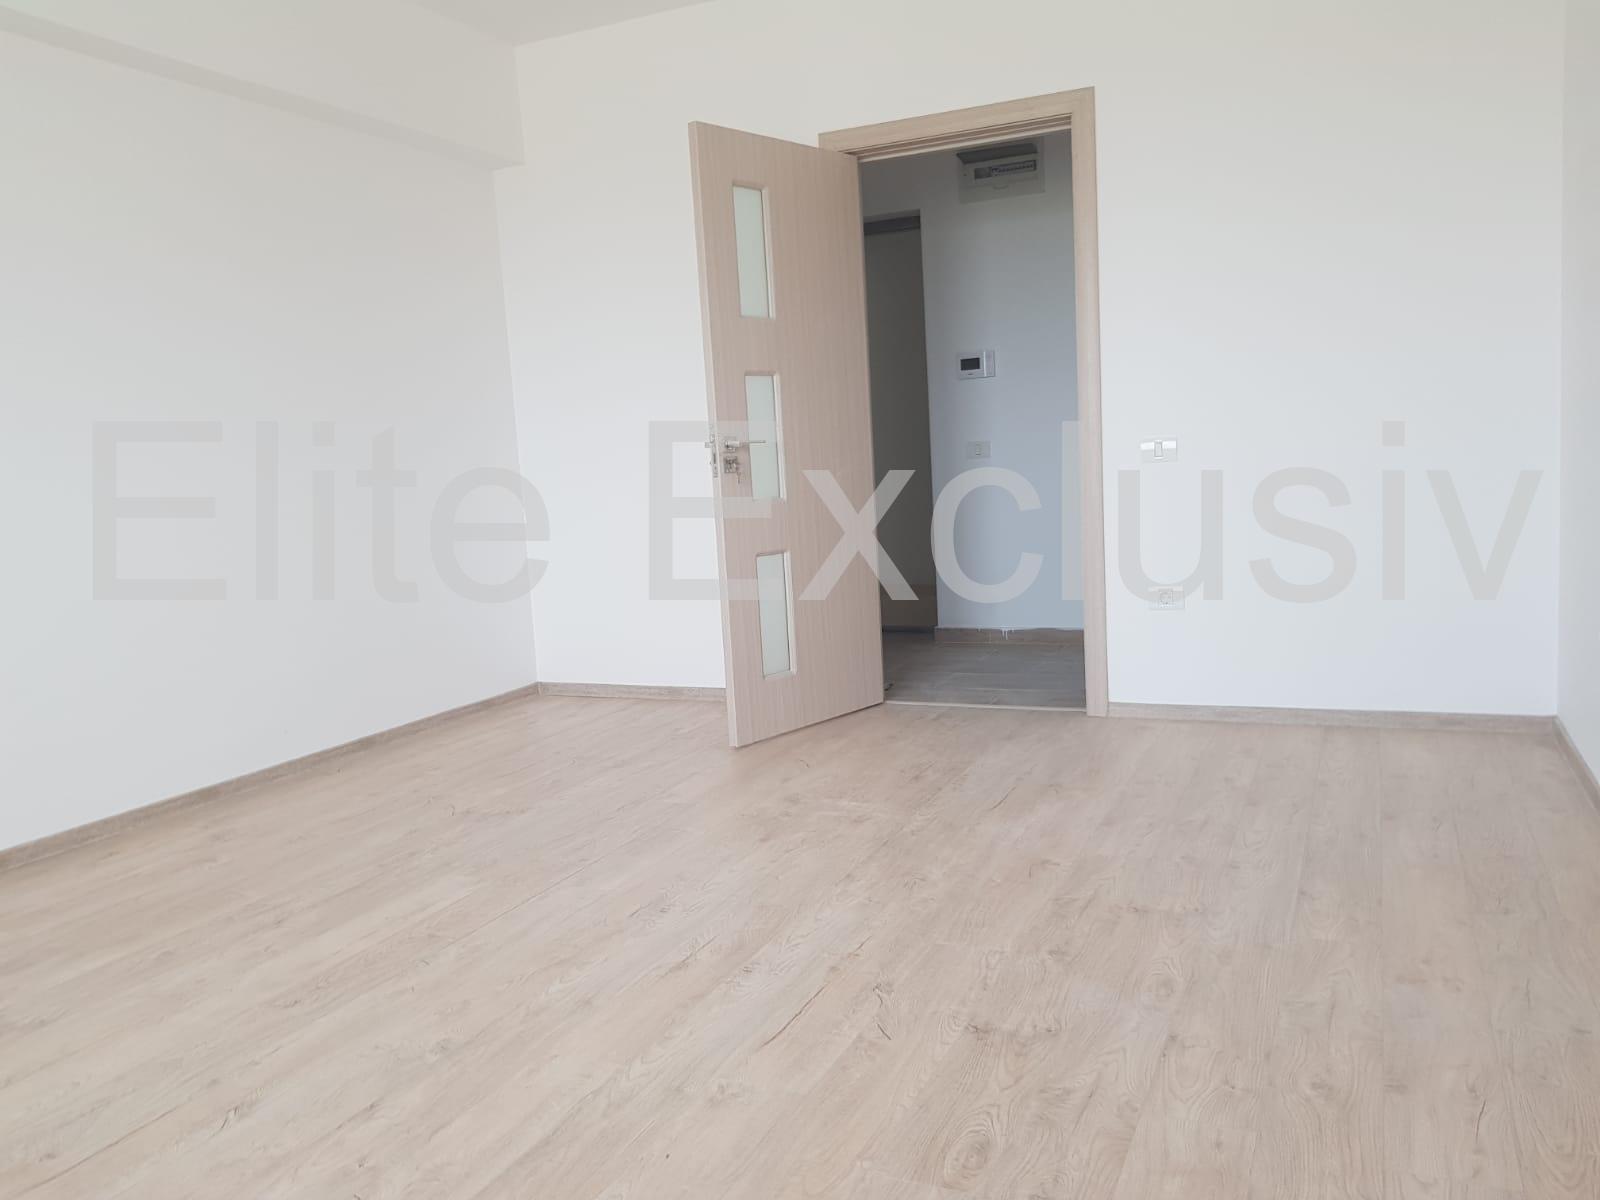 Tomis Plus - Apartament decomandat cu 2 camere situat in Complex Perpetum Residence I